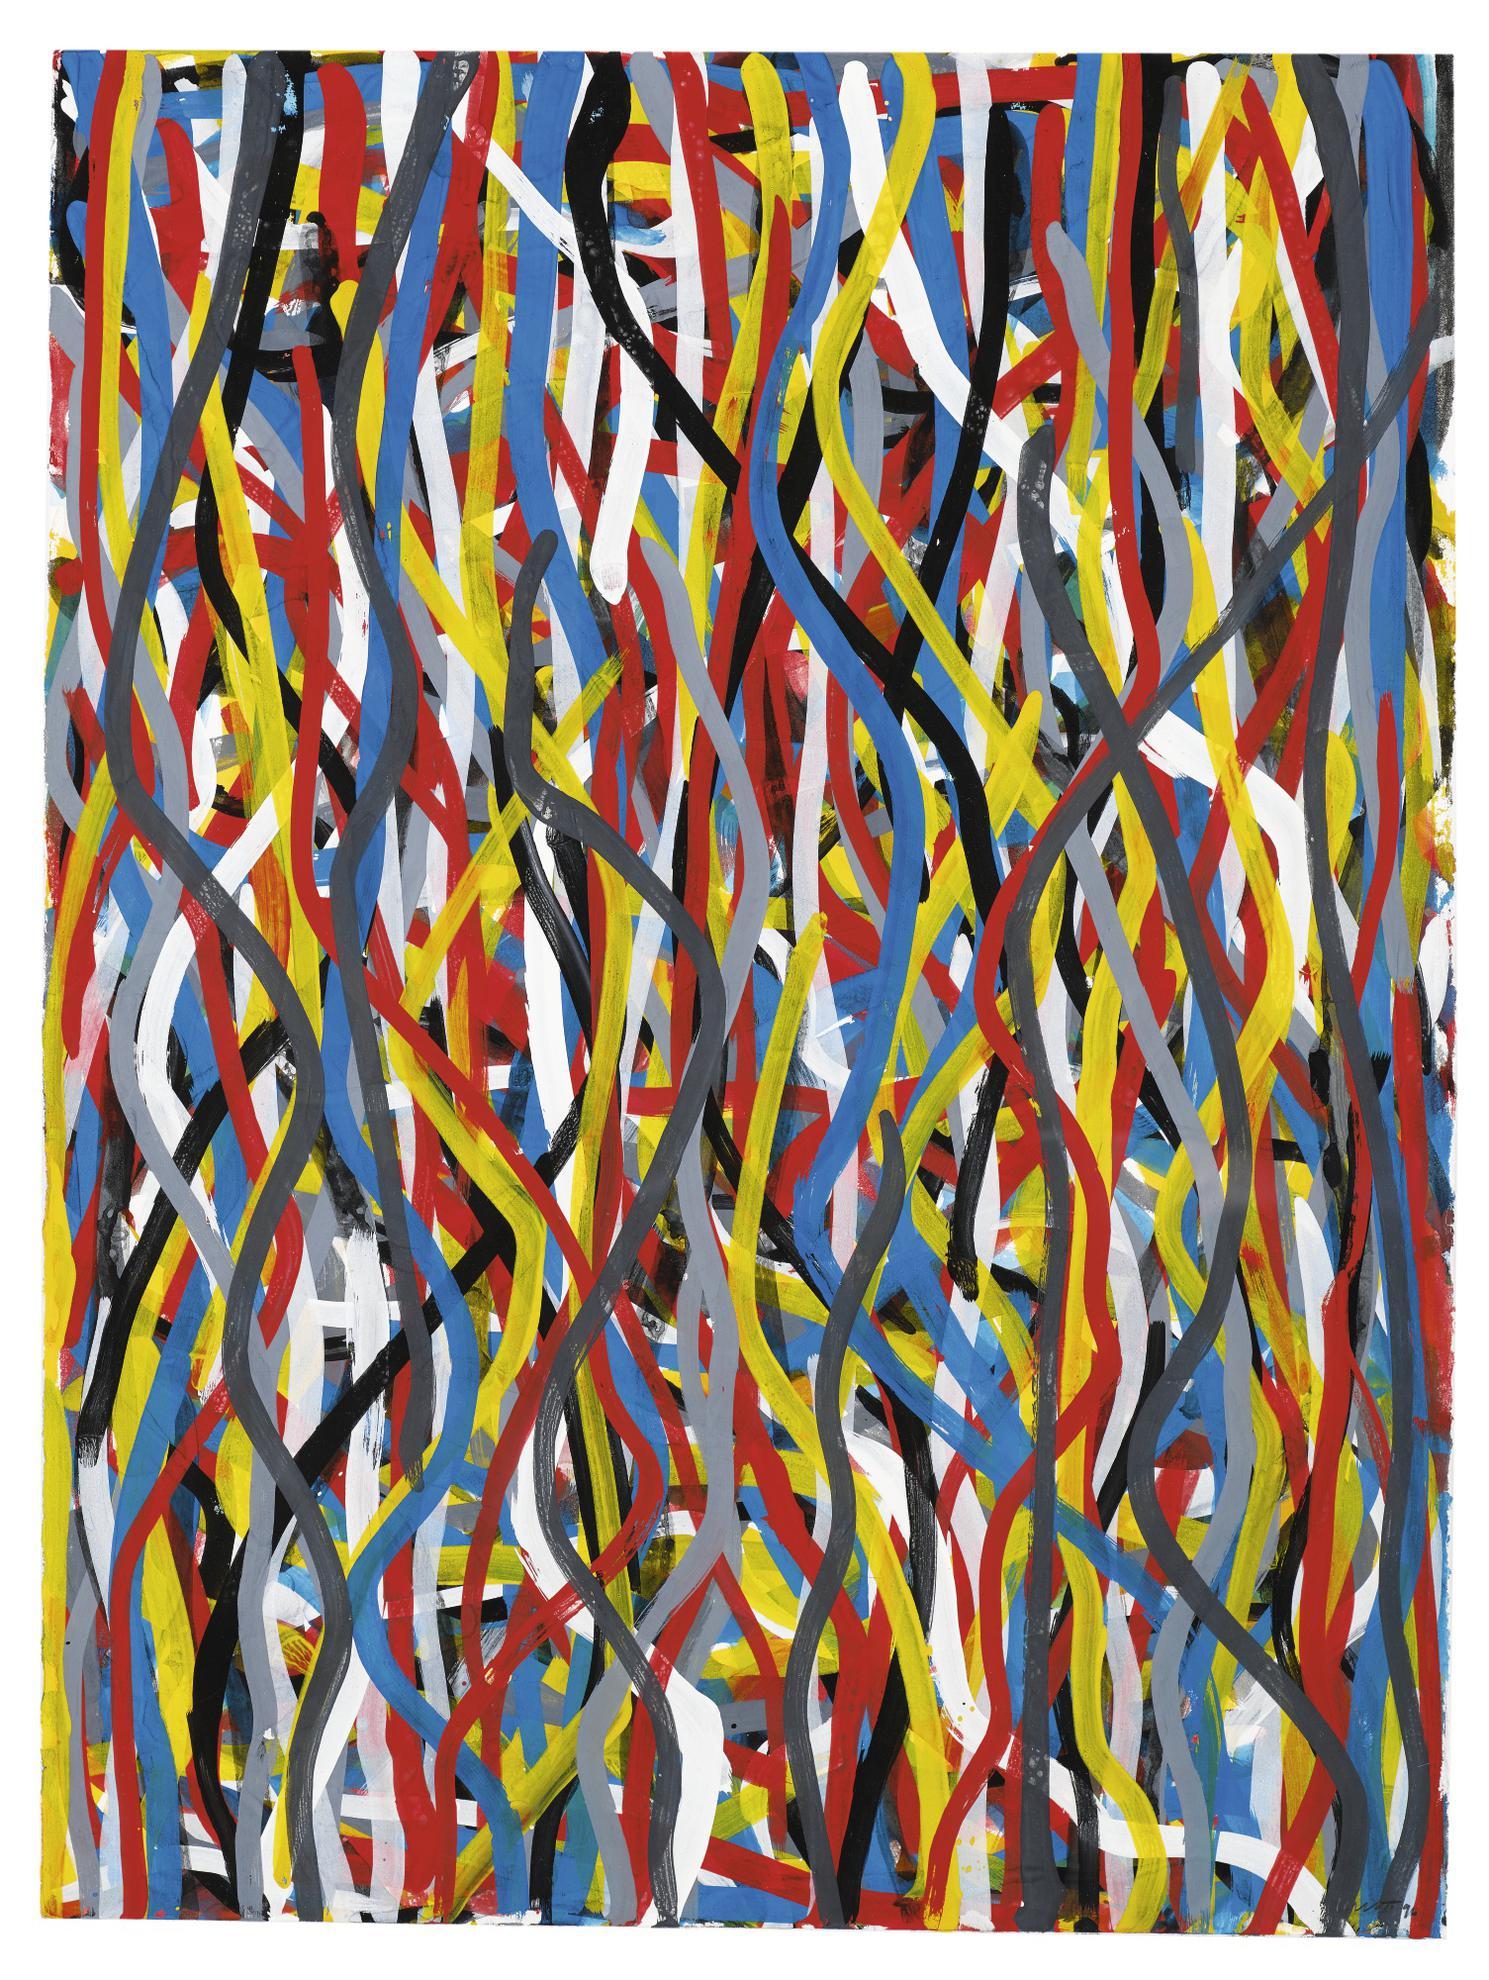 Sol LeWitt-Wavy Brushstrokes-1996